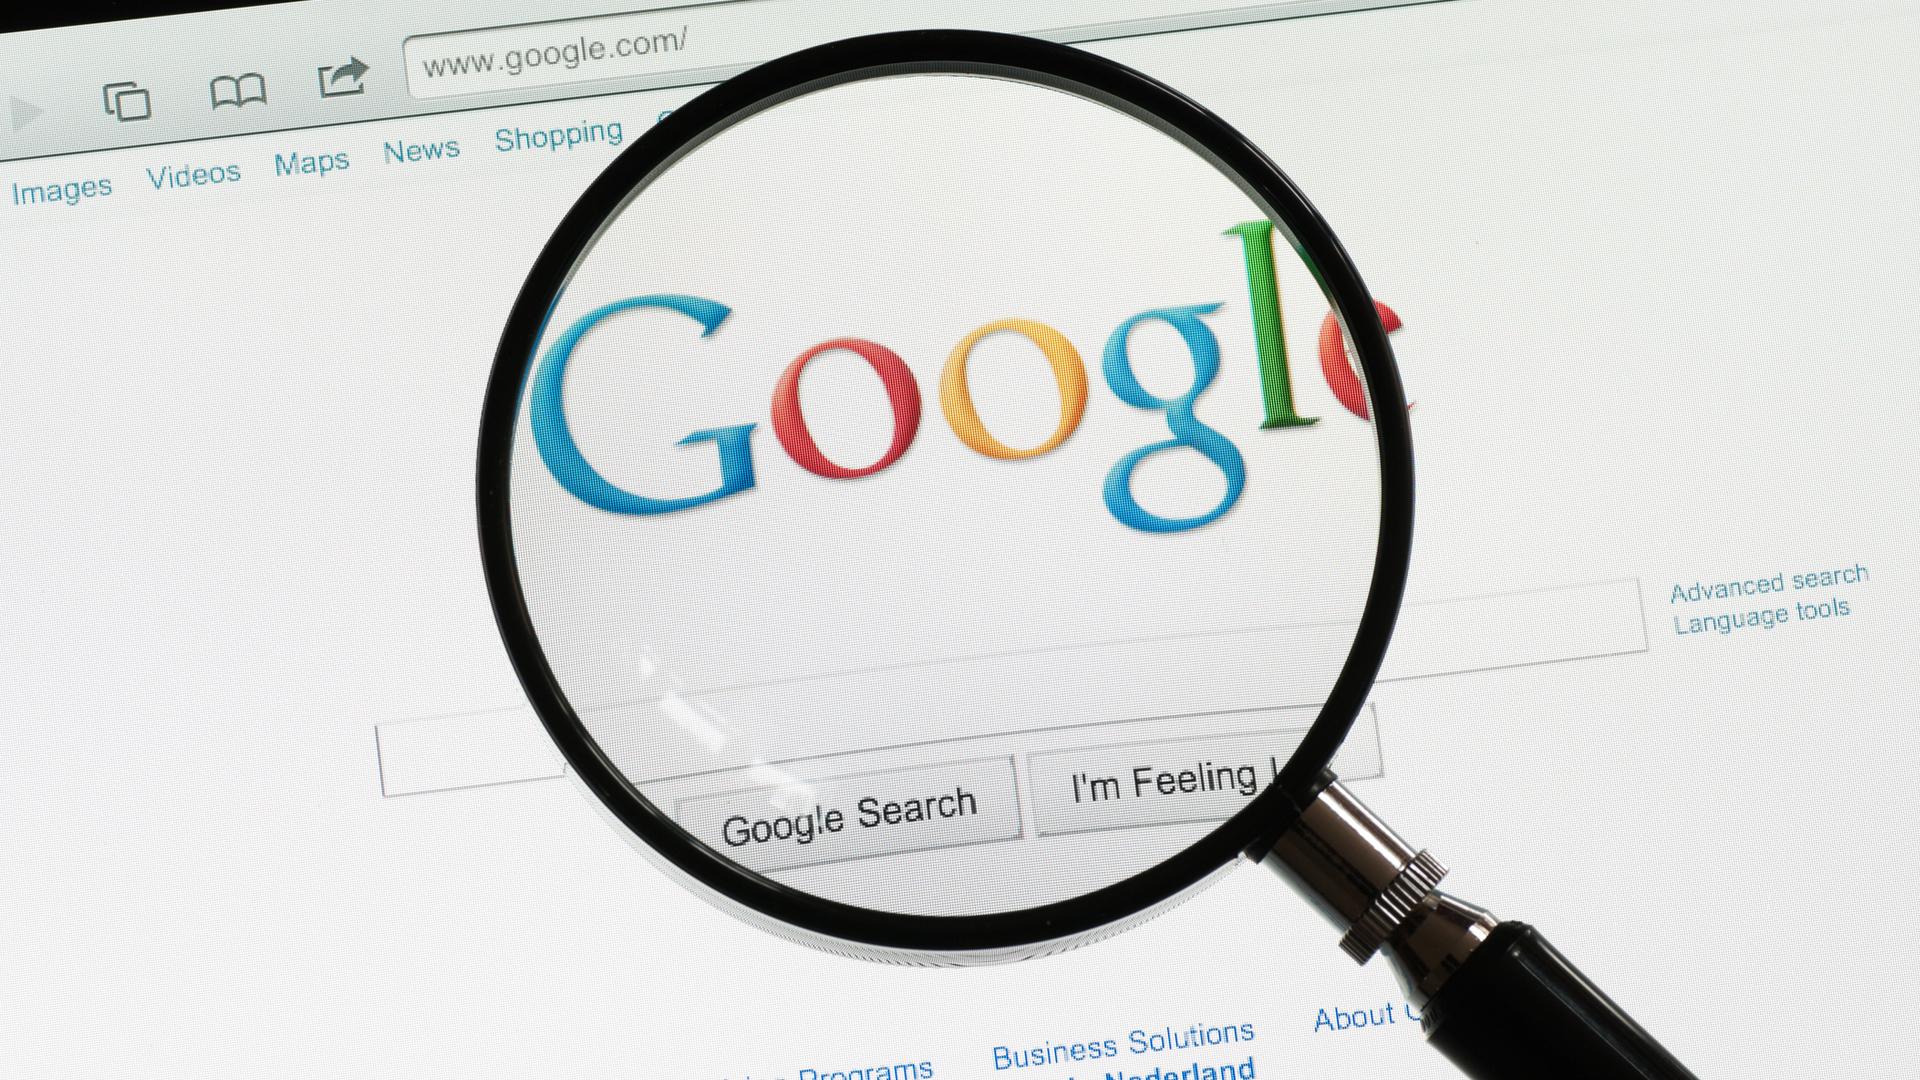 Suomalaissyntyinen Stephen Hedetniemi, 80, tuli jo opiskeluaikana 1960-luvulla keksineeksi algoritmin, jota Google nykysin hyödyntää.